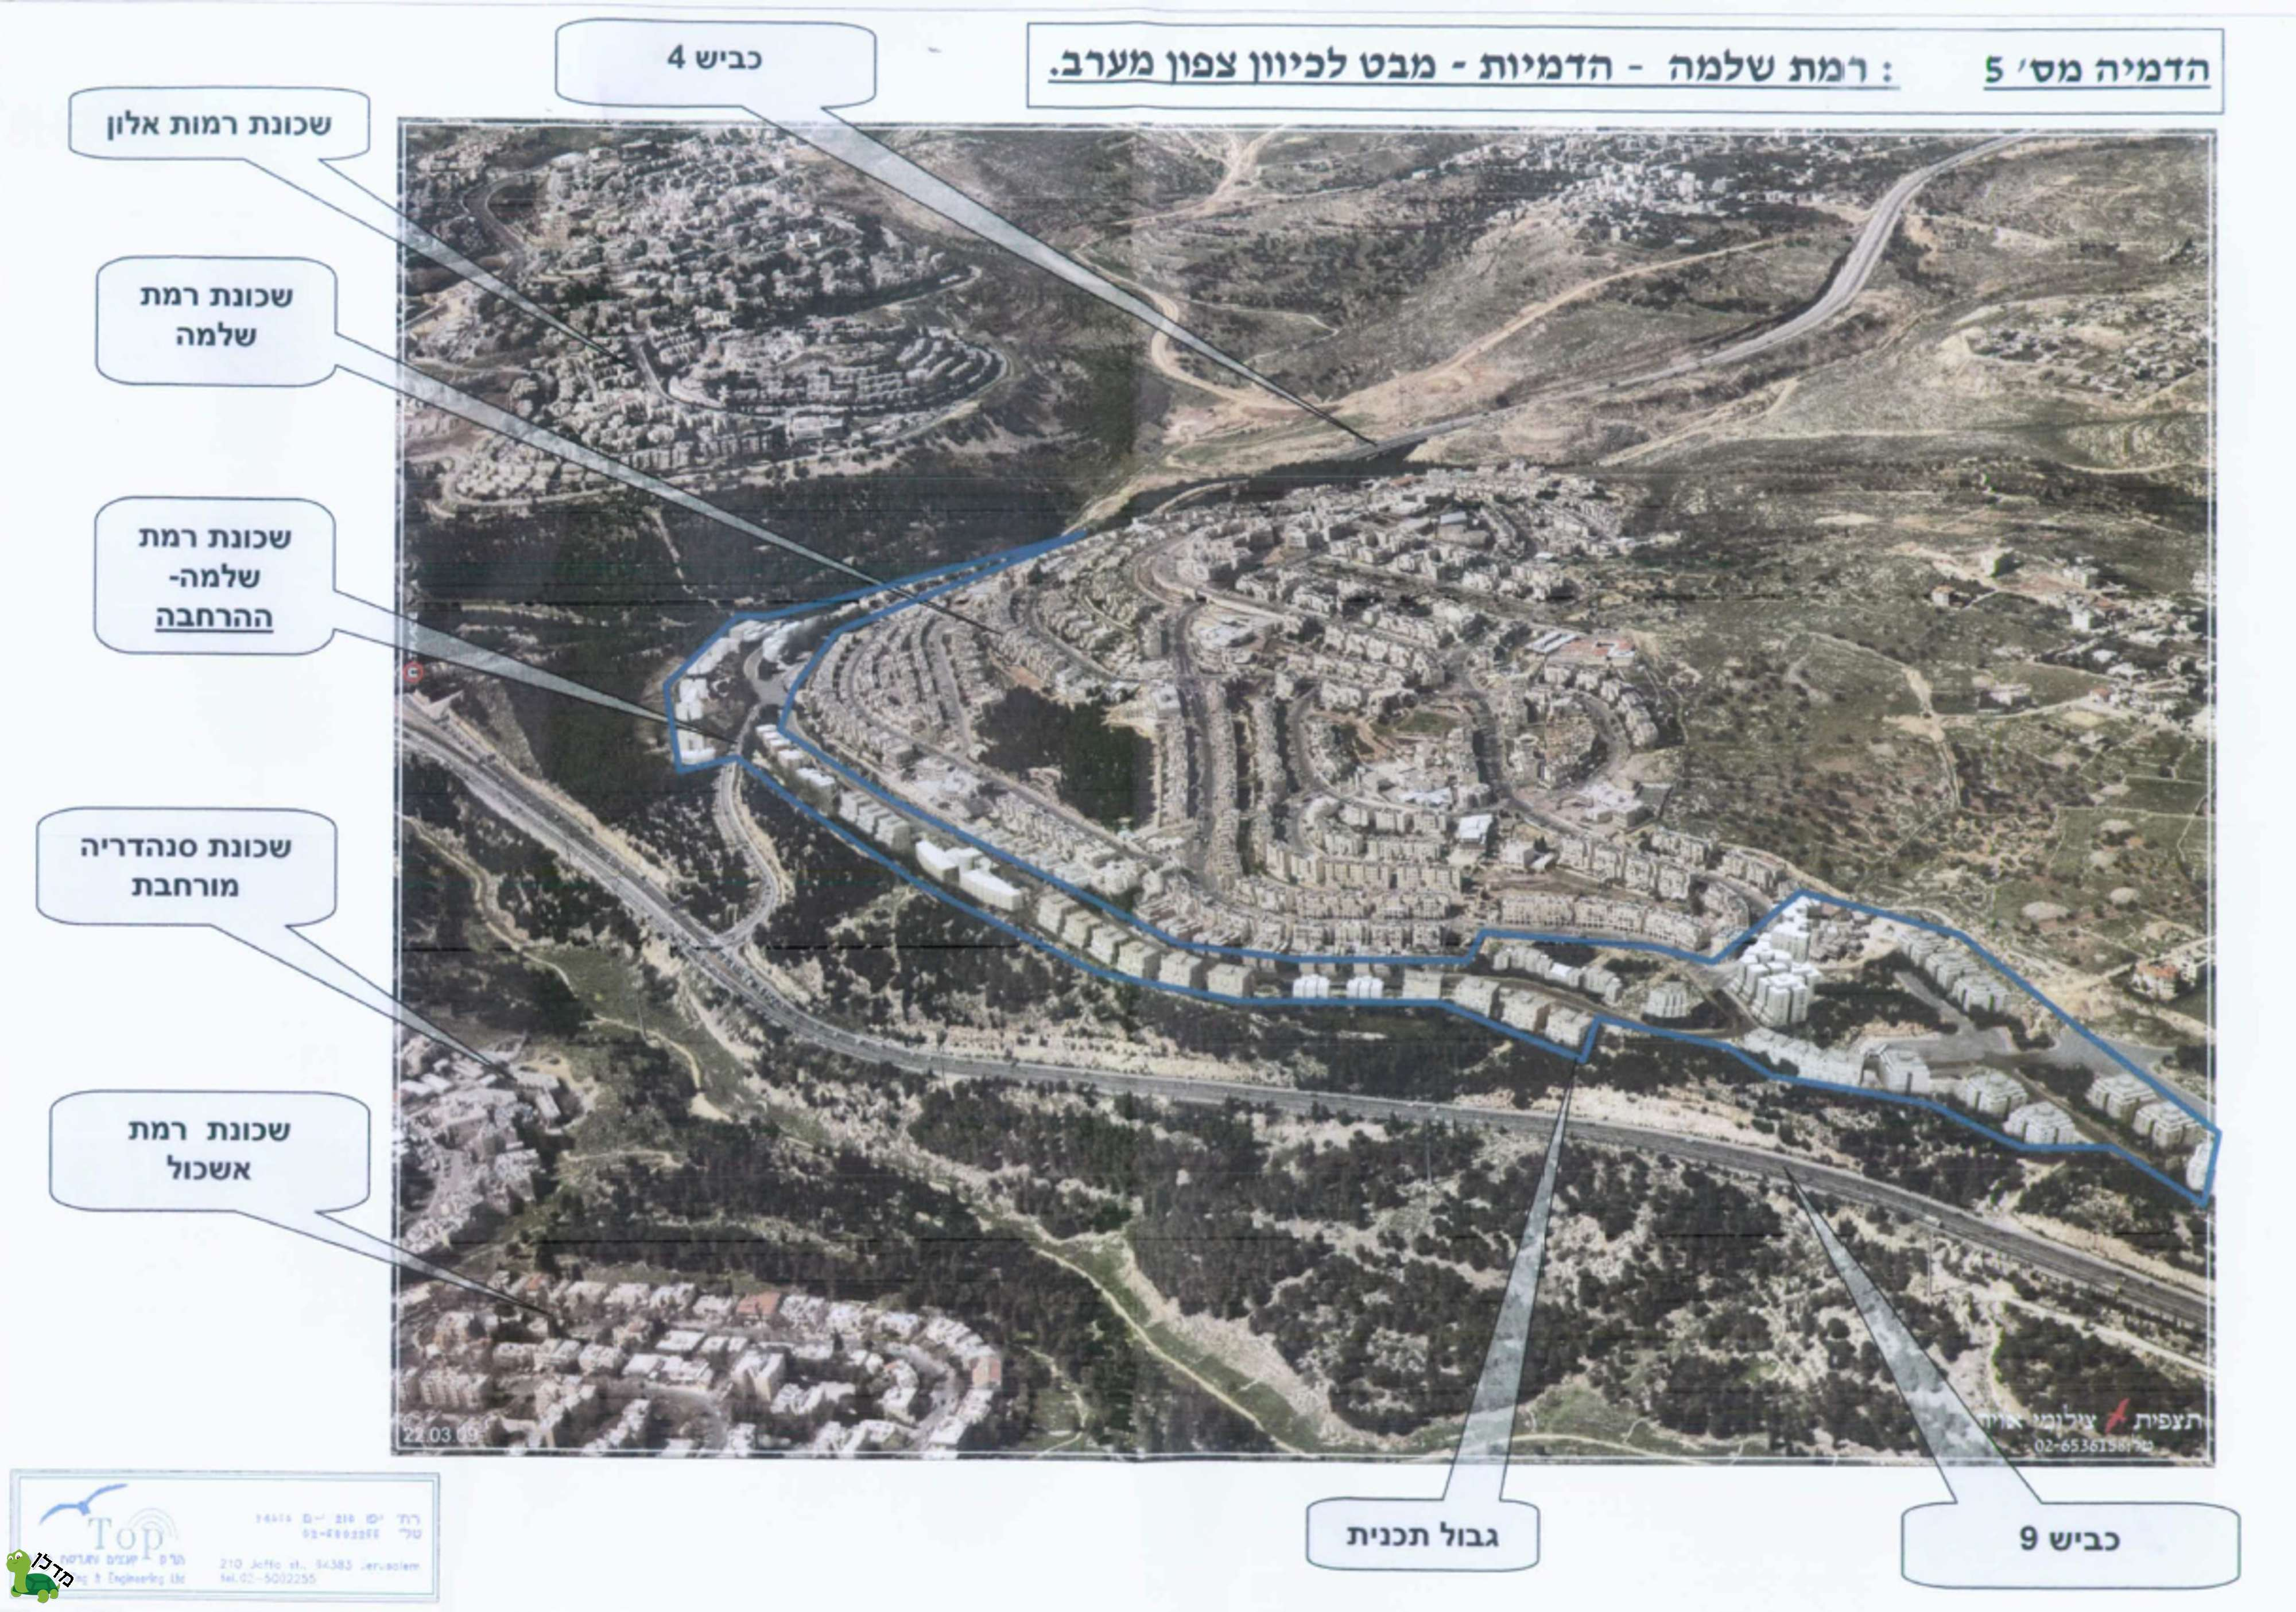 כולם חדשים דירות למכירה ברמת שלמה, ירושלים - 16 דירות באזור VL-59